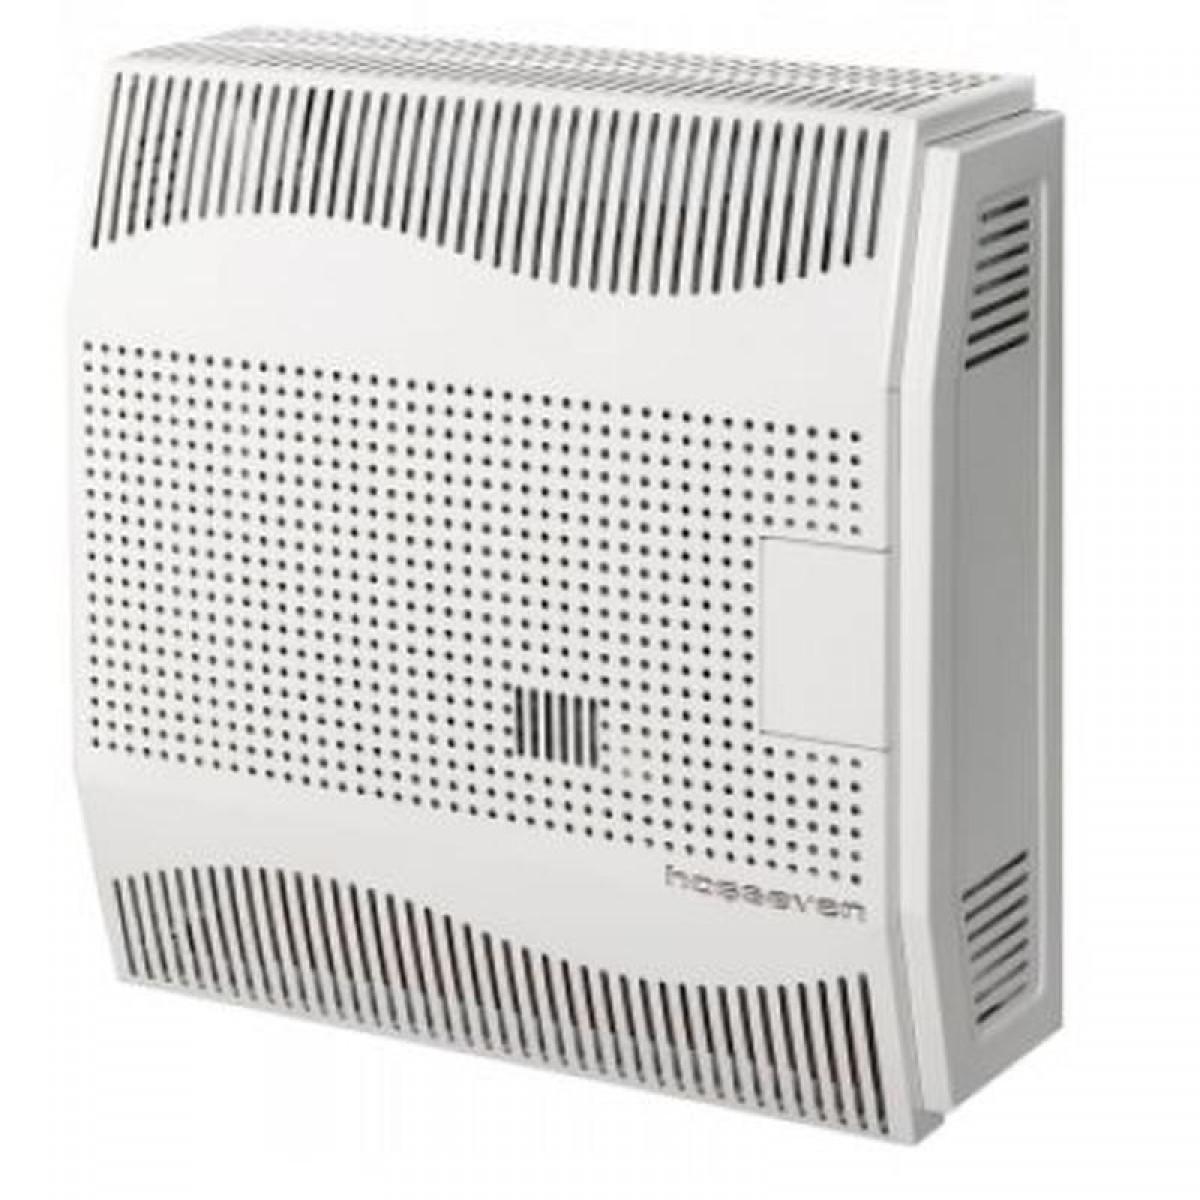 Газовые конвекторы Canrey CHC - 2Т (с вентилятором)